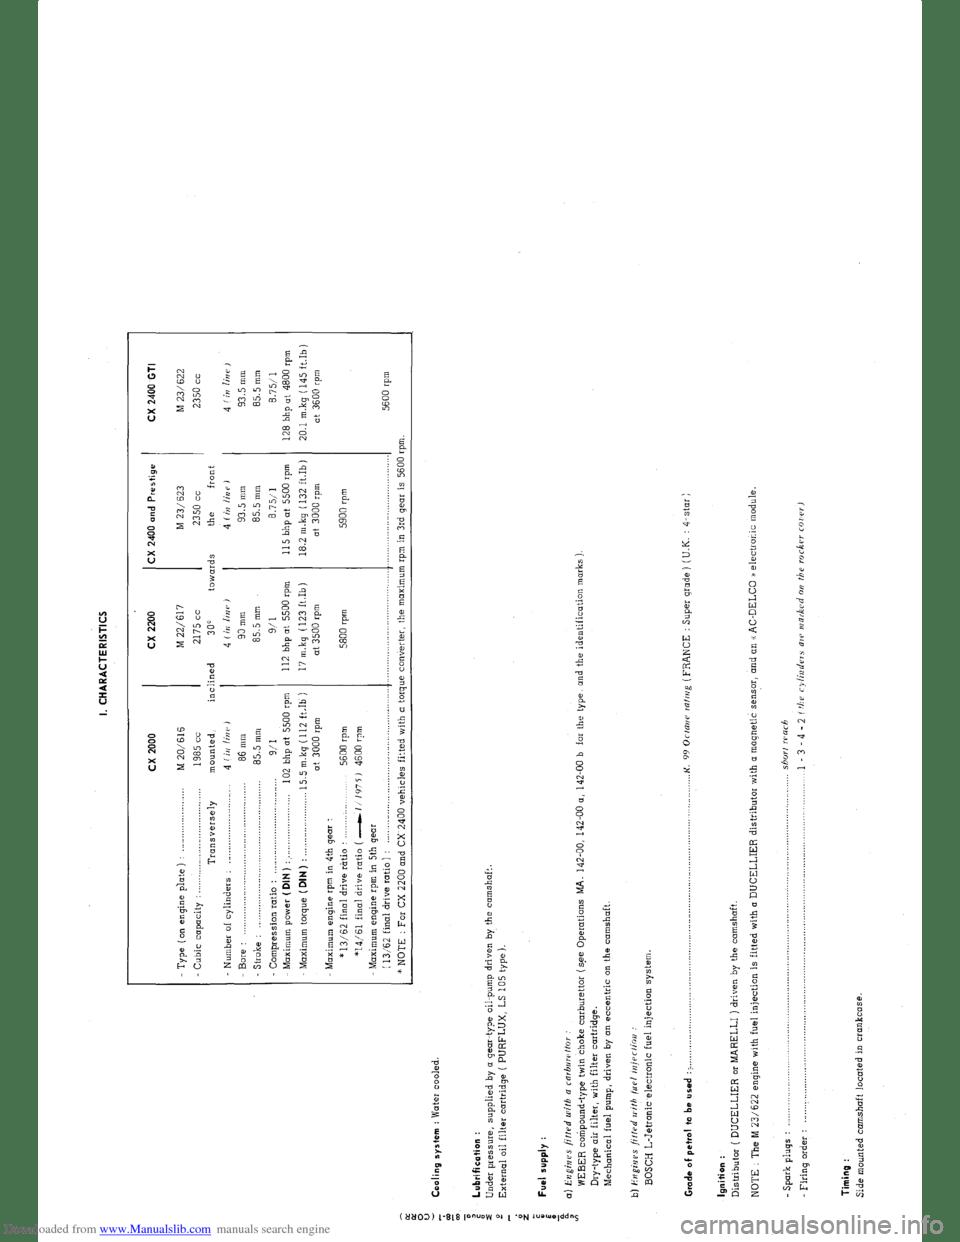 Citroen CX 1977 1.G Workshop Manual